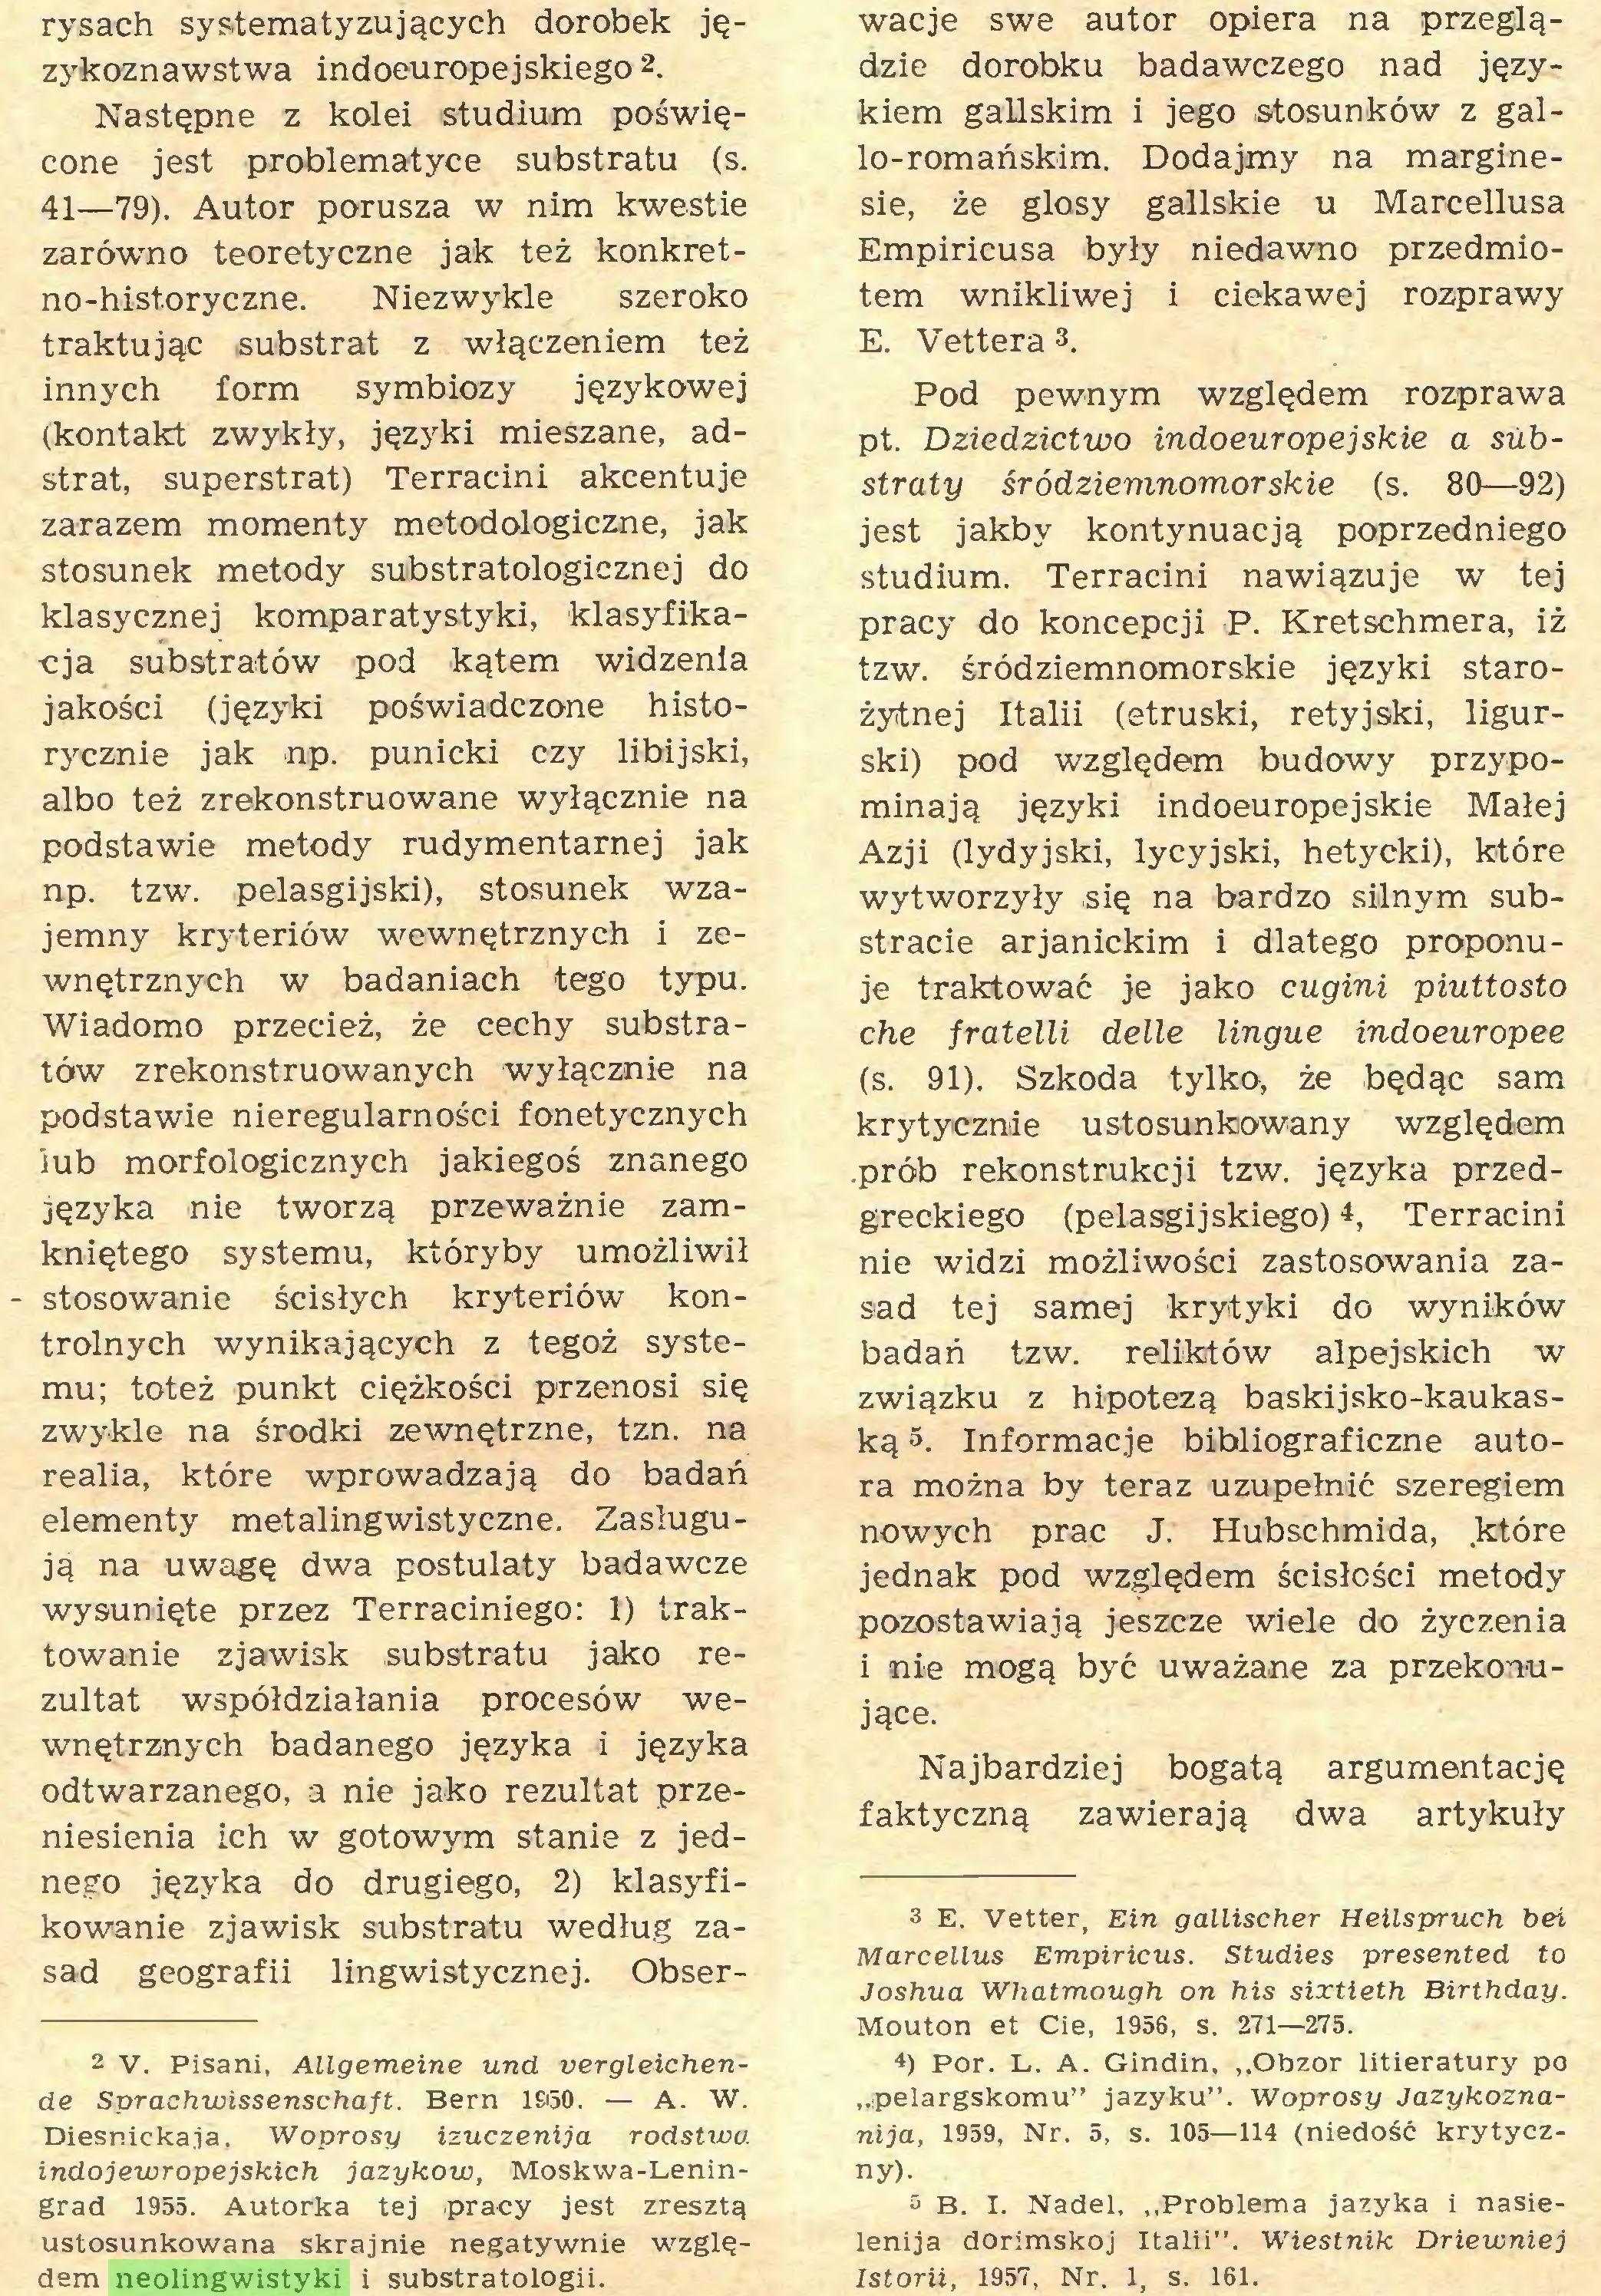 (...) Diesnickaja, Woprosy izuczenija rodstwa indojewropejskich jazykow, Moskwa-Leningrad 1955. Autorka tej pracy jest zresztą ustosunkowana skrajnie negatywnie względem neolingwistyki i substratologii. wacje swe autor opiera na przeglądzie dorobku badawczego nad językiem gallskim i jego stosunków z gallo-romańskim. Dodajmy na margine...